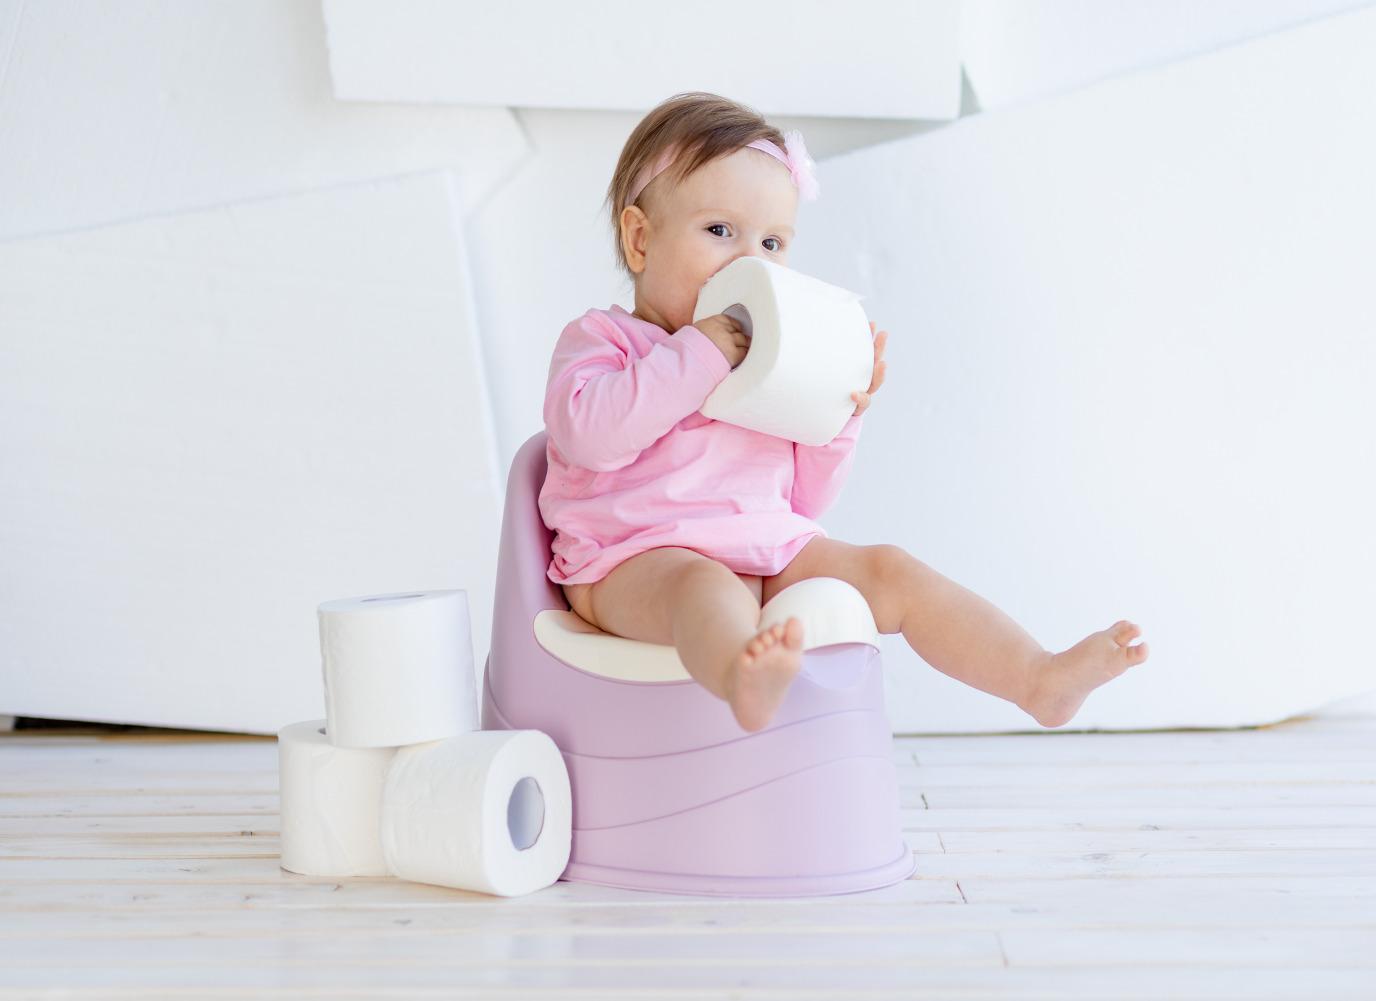 Ăn dặm bị tiêu chảy ở trẻ có phải là điều đáng lo?